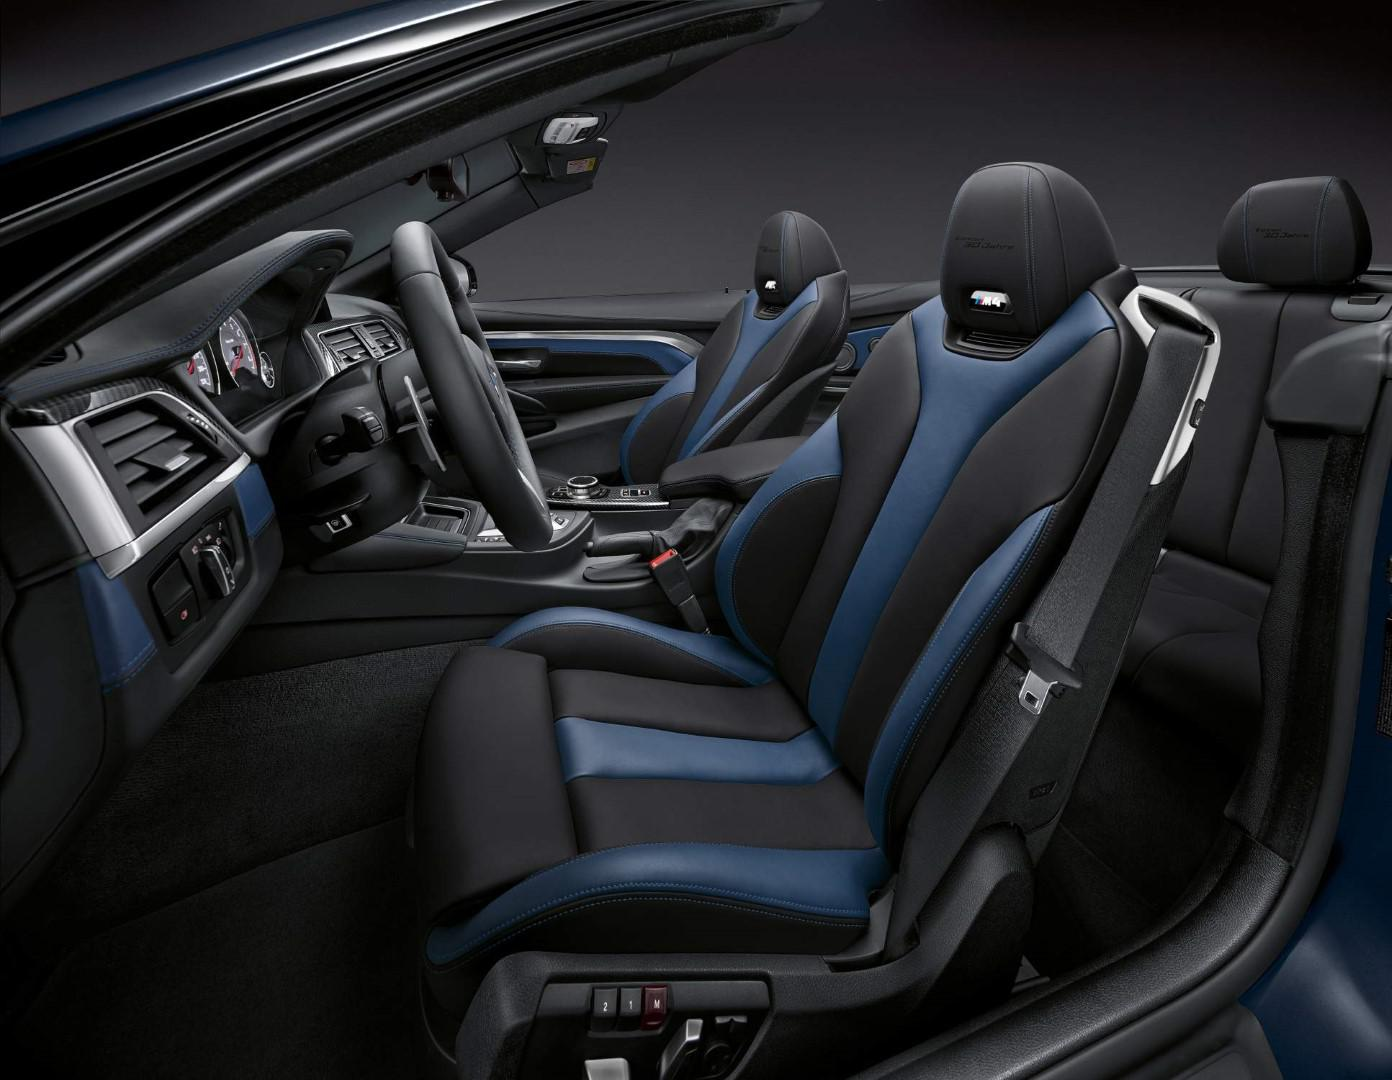 bmw-m4-cabrio-edition-30ans-300-exemplaires-au-monde-648-2.jpeg